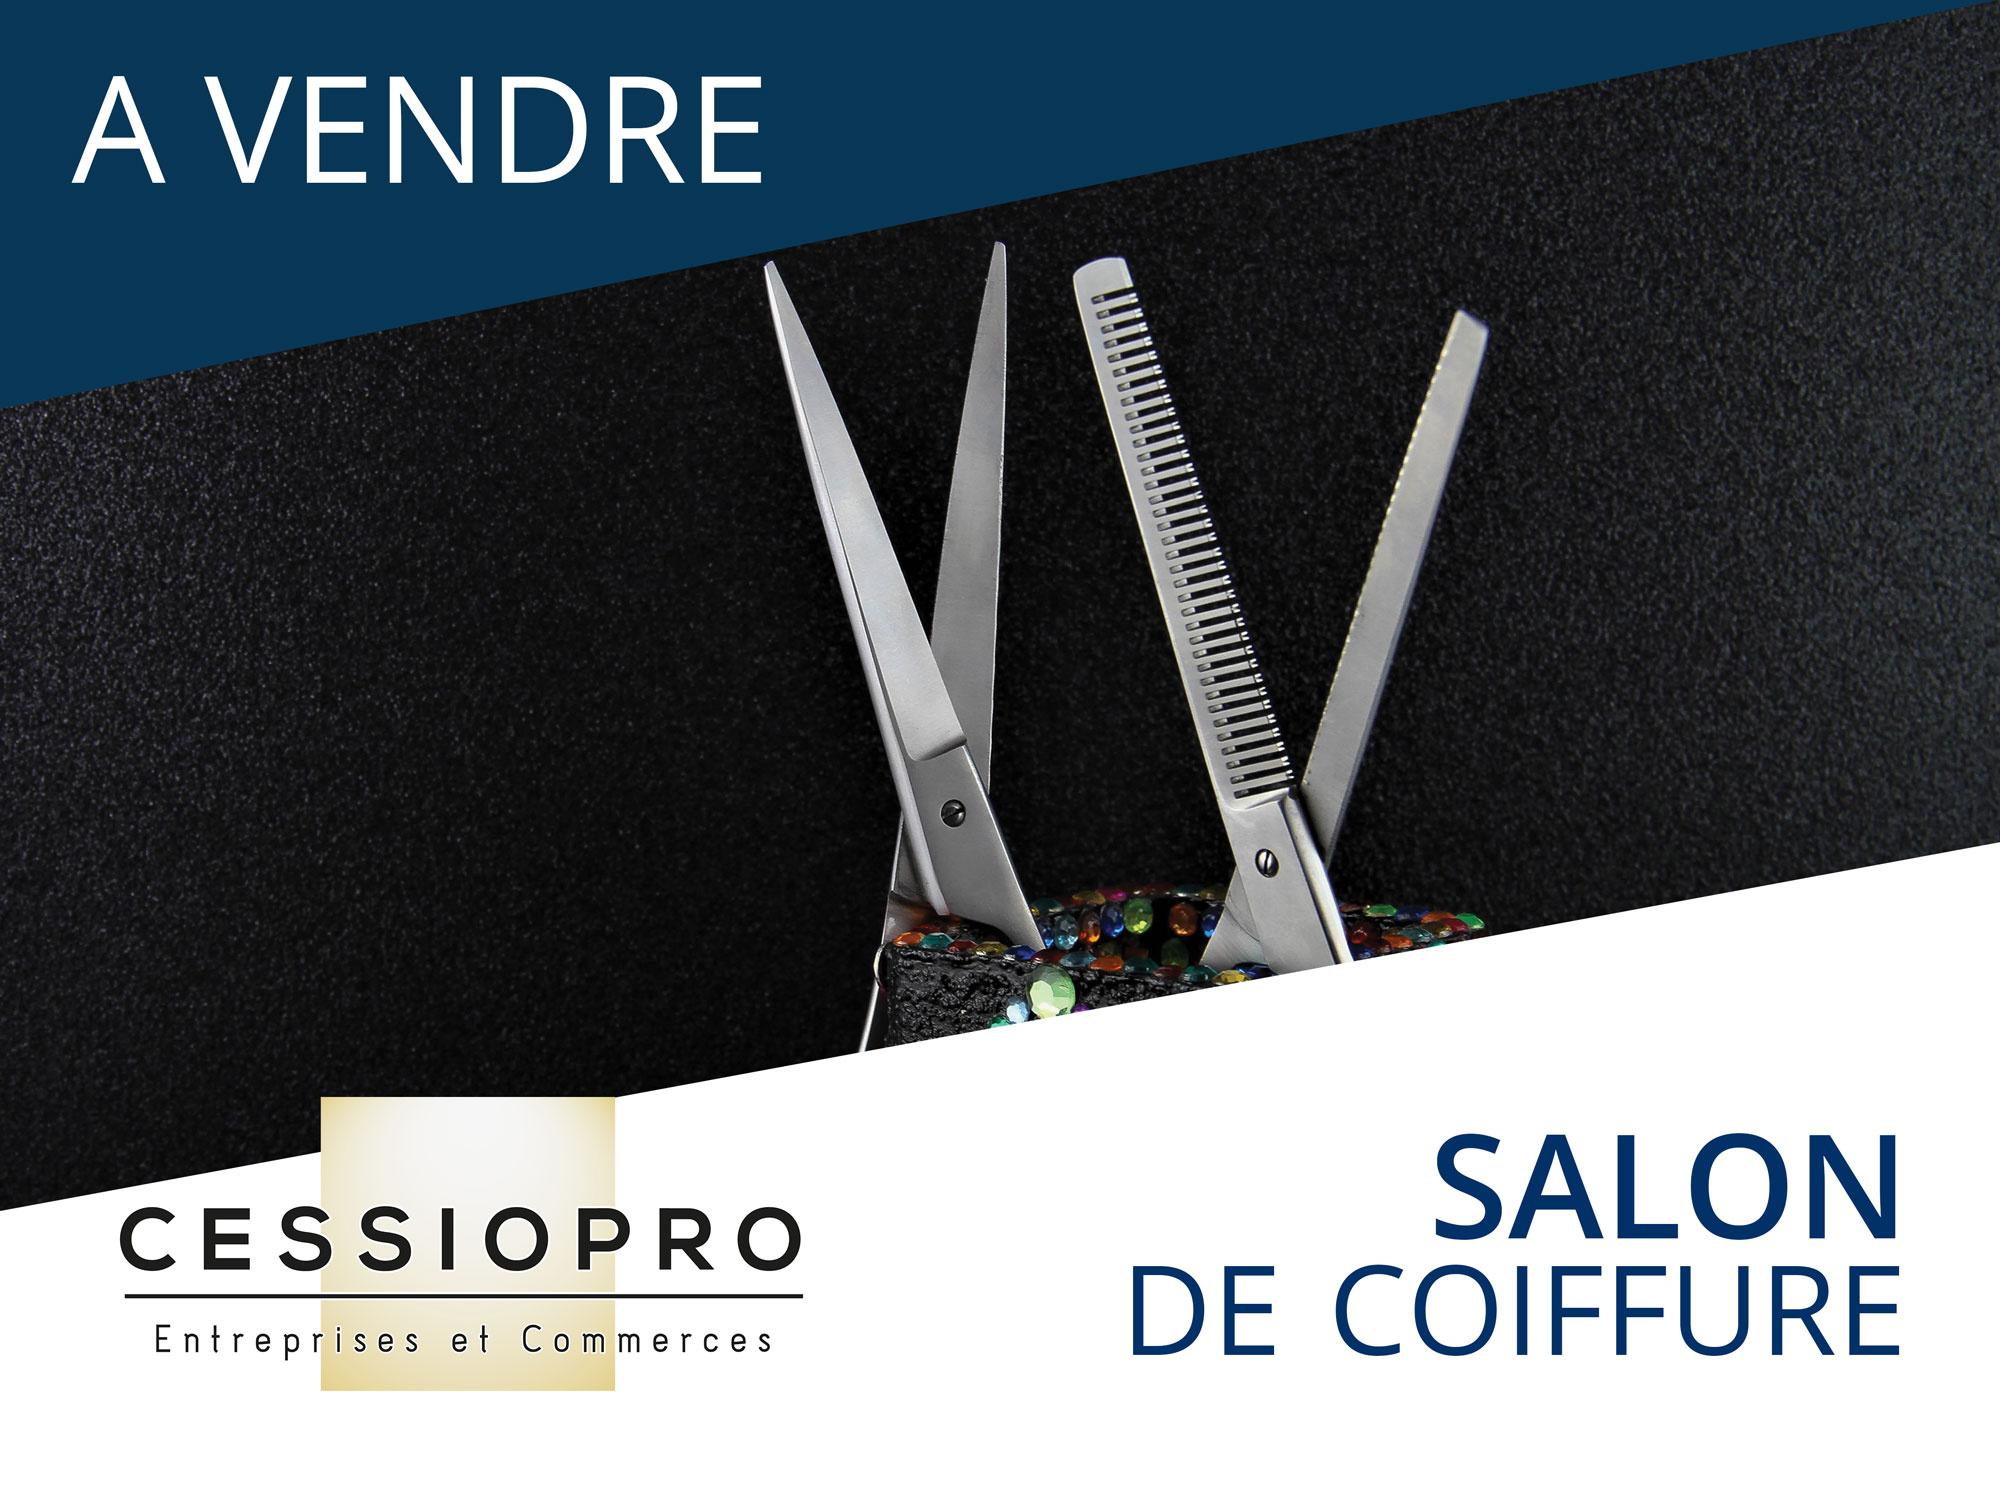 SALON DE COIFFURE EN CENTRE VILLE D'UNE COMMUNE PROCHE DU LITTORAL CAGNOIS - Salon de Coiffure Esthétique Parfumerie